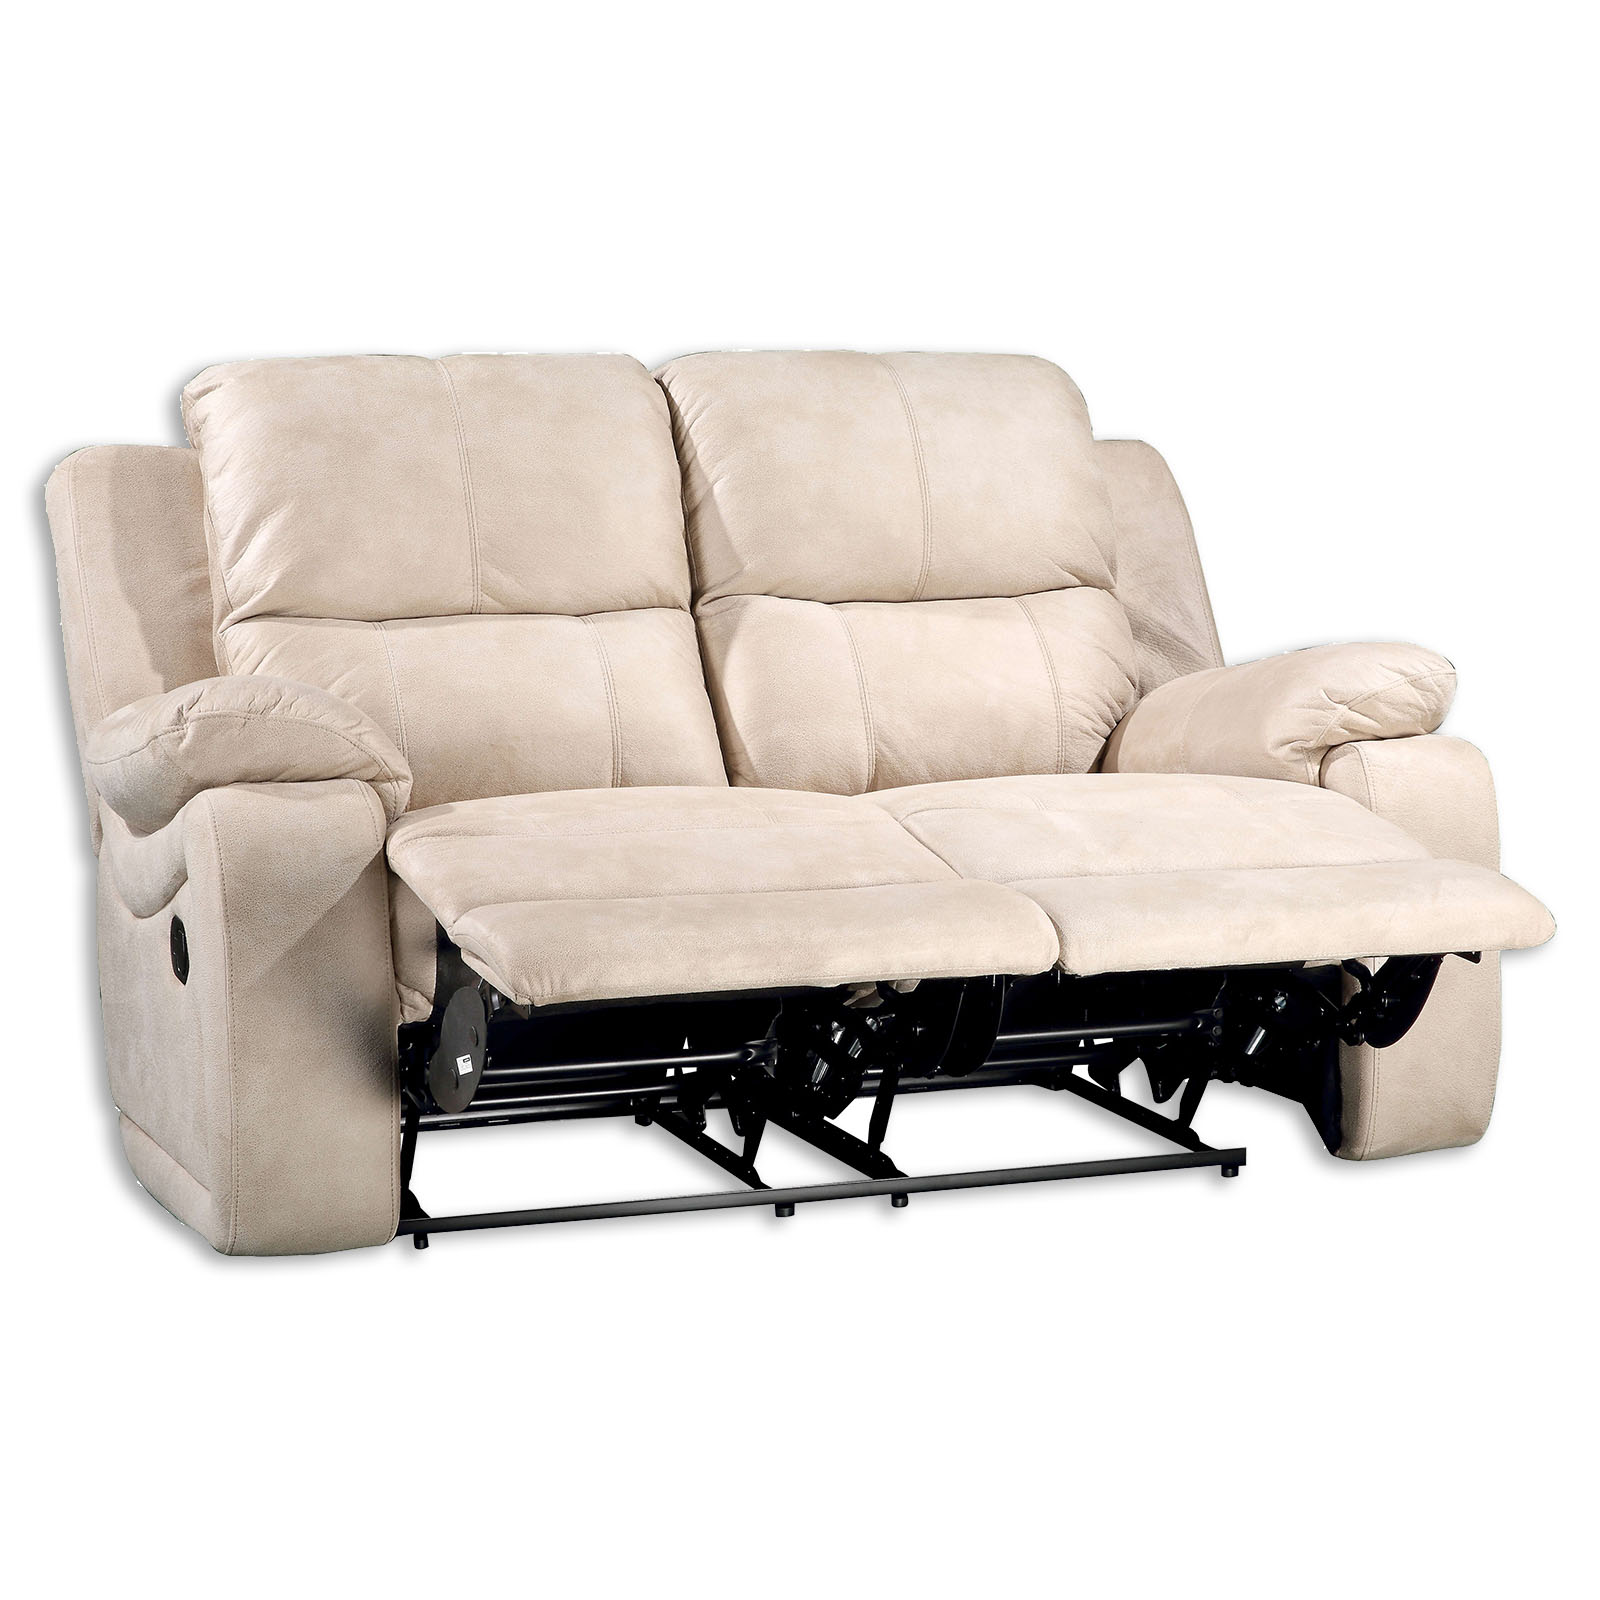 Sofa 2 Sitzer beige mit Relaxfunktion 154 cm breit